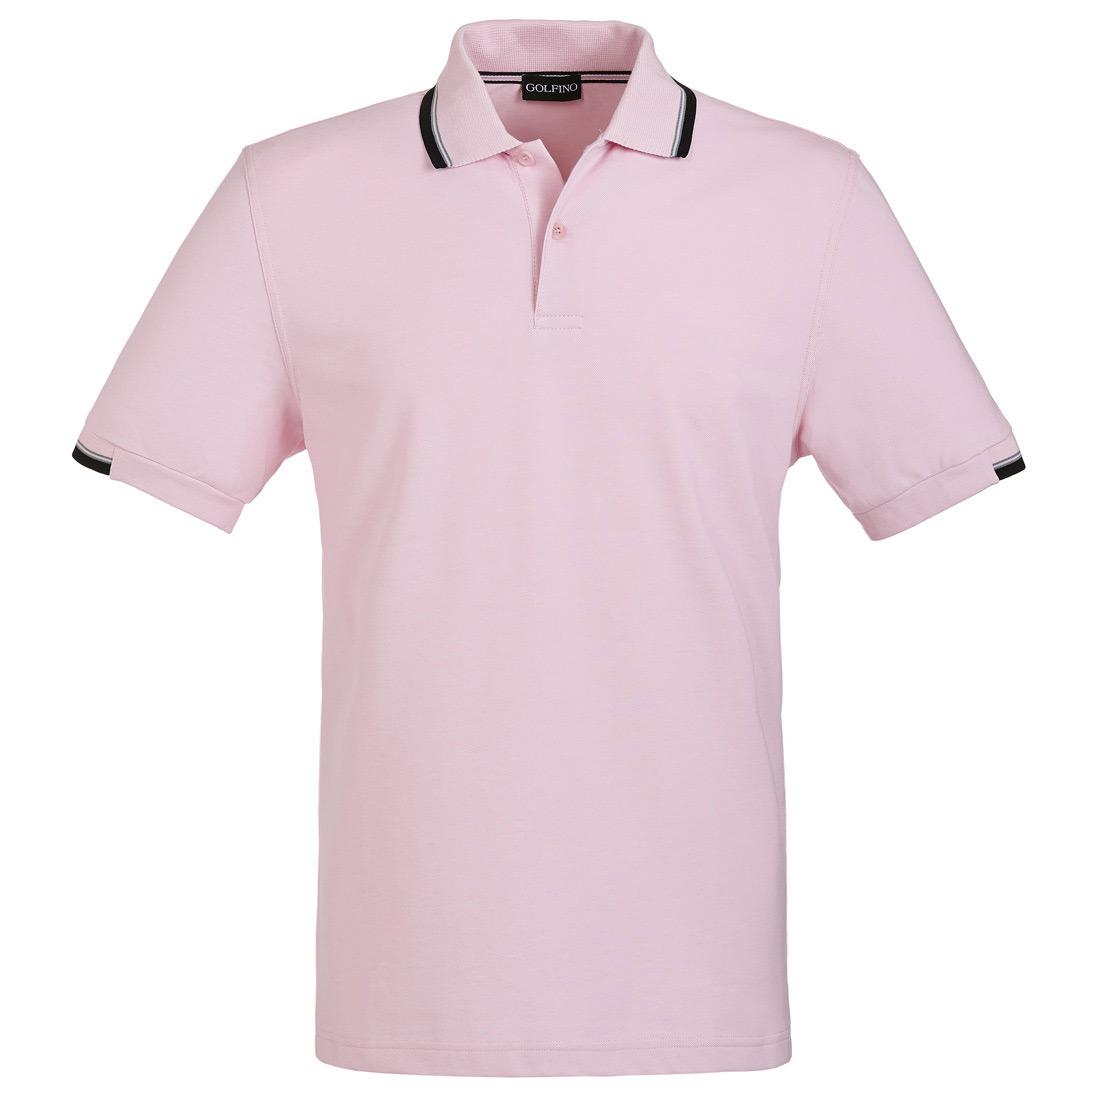 Kurzarm Herren Funktions-Golfpolohemd mit Sun Protection